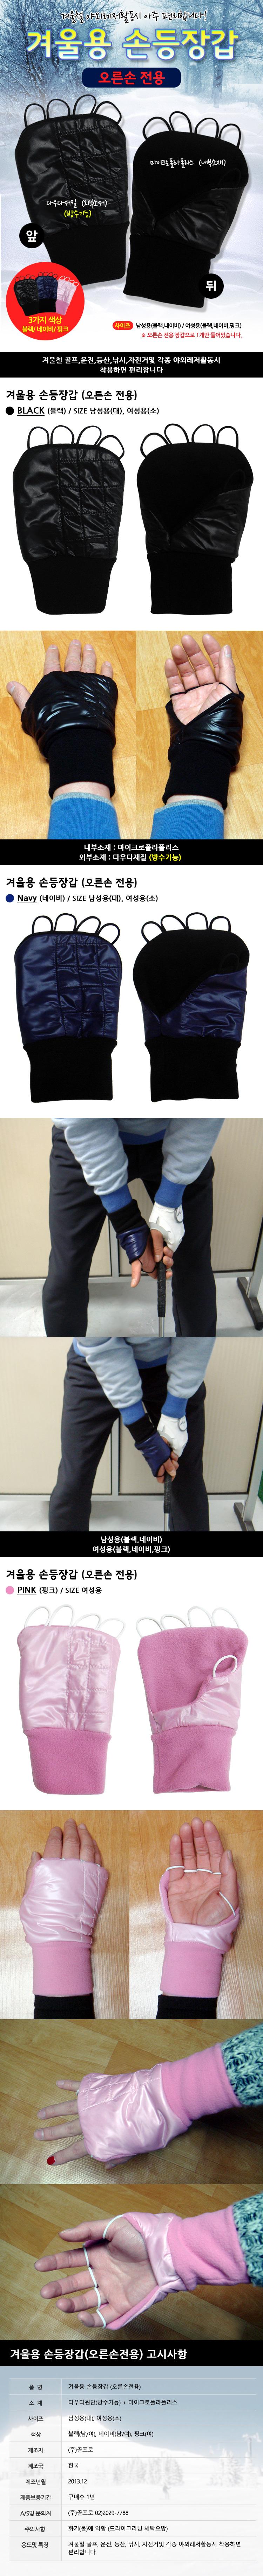 2014 겨울용 손등장갑 오른손전용